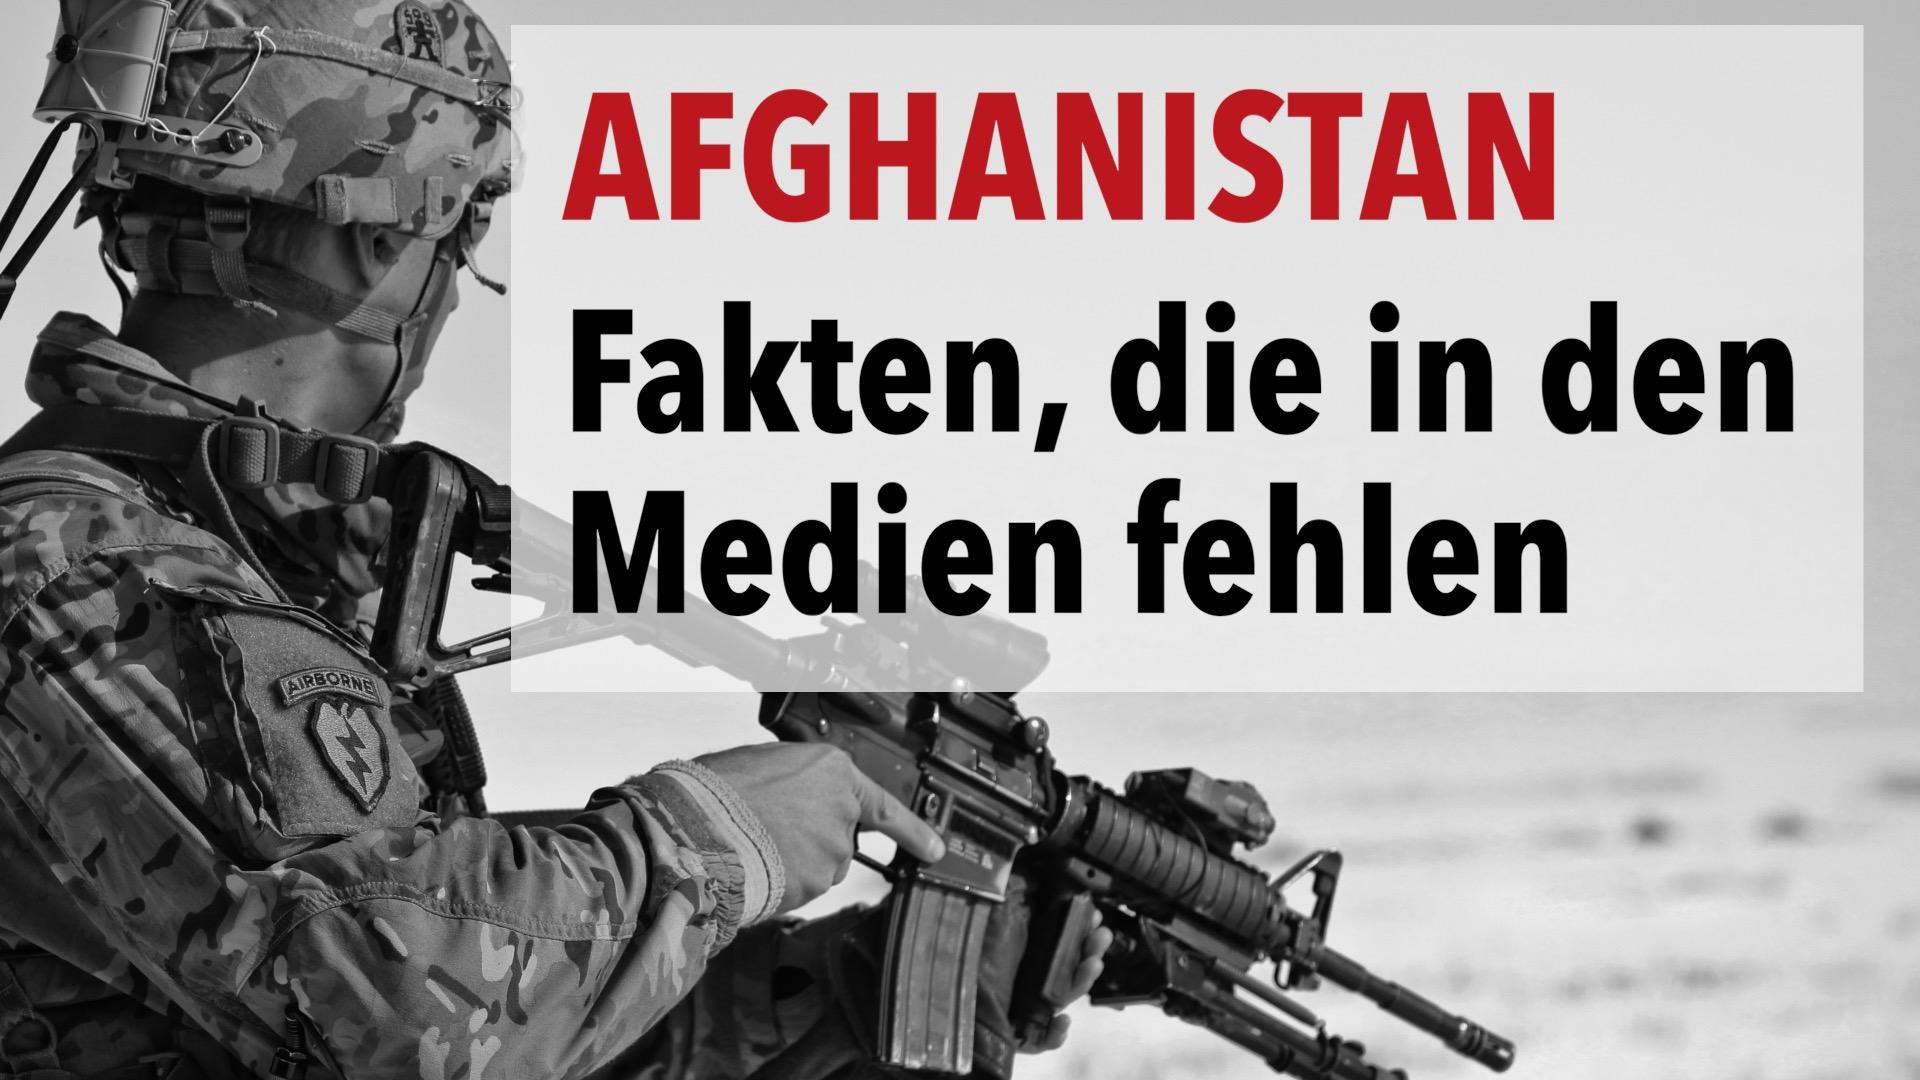 Afghanistan: Wichtige Fakten, die von den Medien weitgehend ignoriert werden | Teil 2